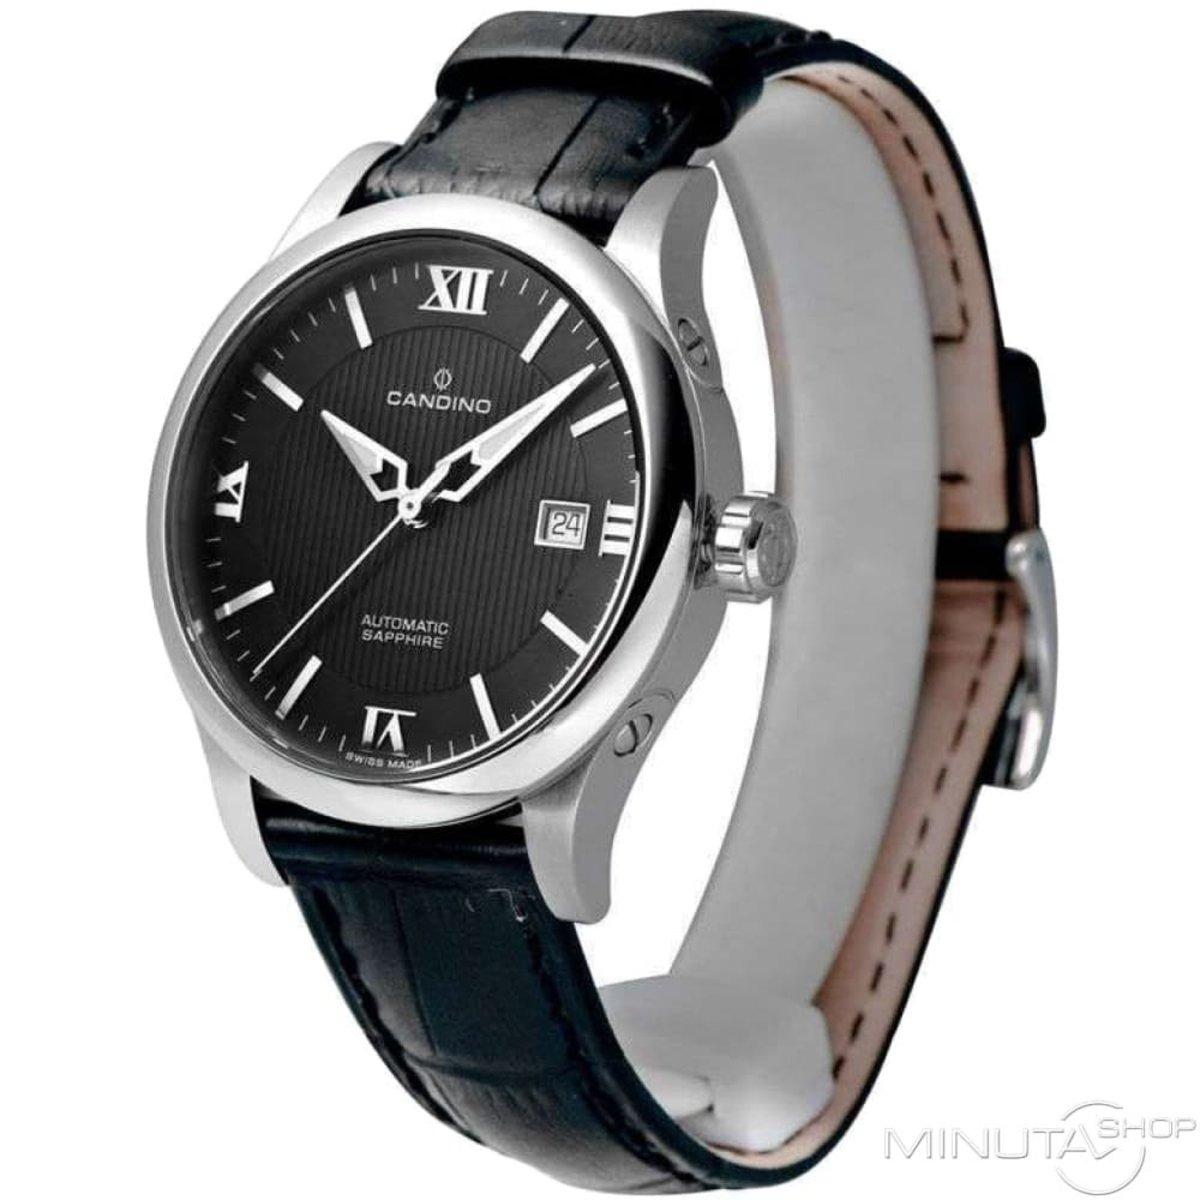 Candino Automatic Male Watch C4494_4